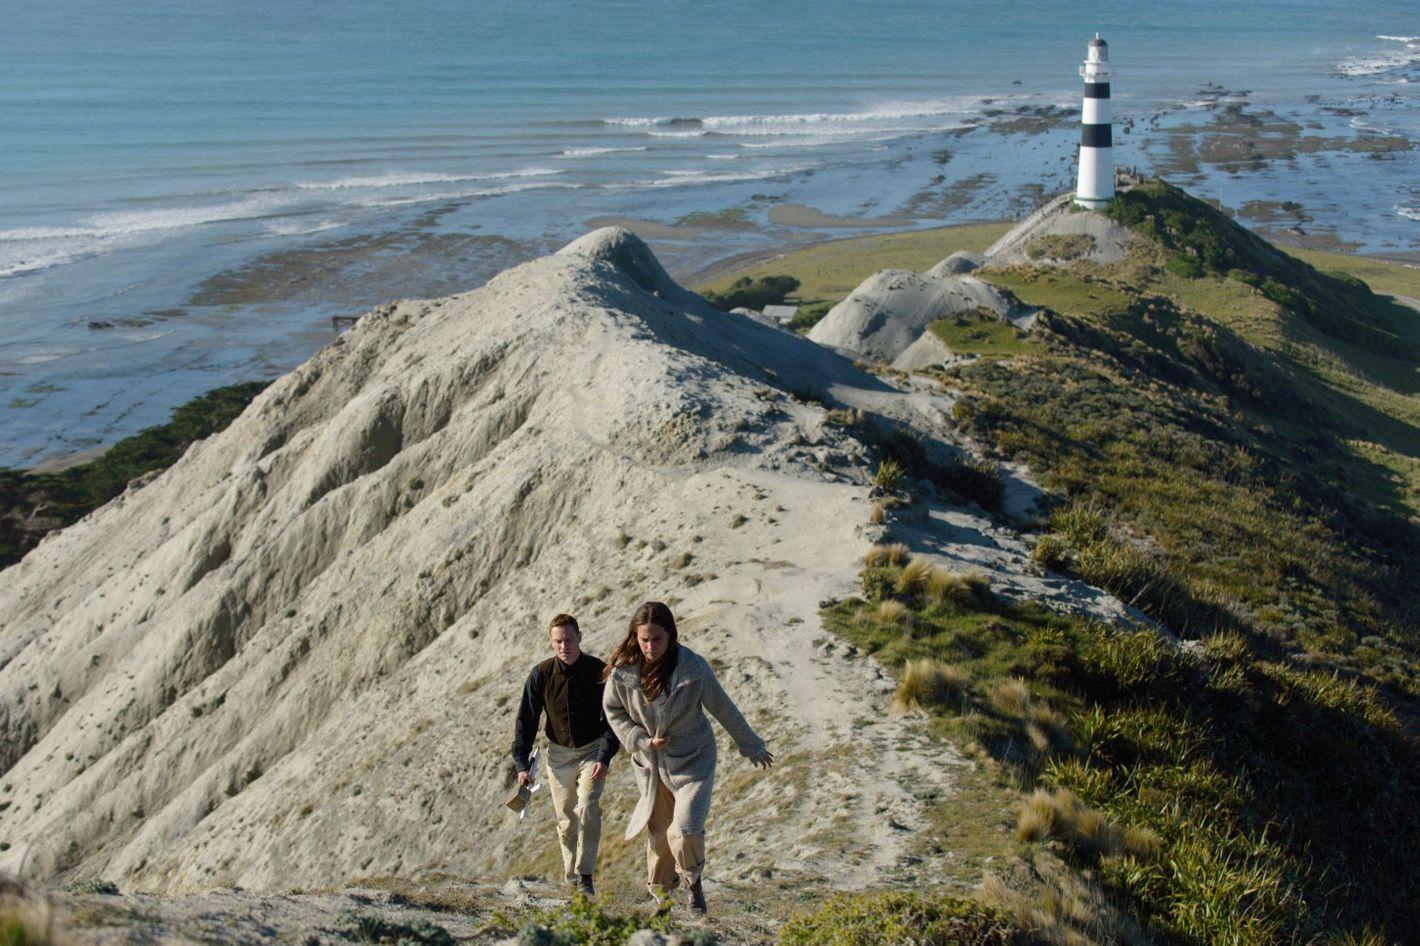 'The Light Between Oceans' Director Derek Cianfrance: 'It's About Human Forgiveness'